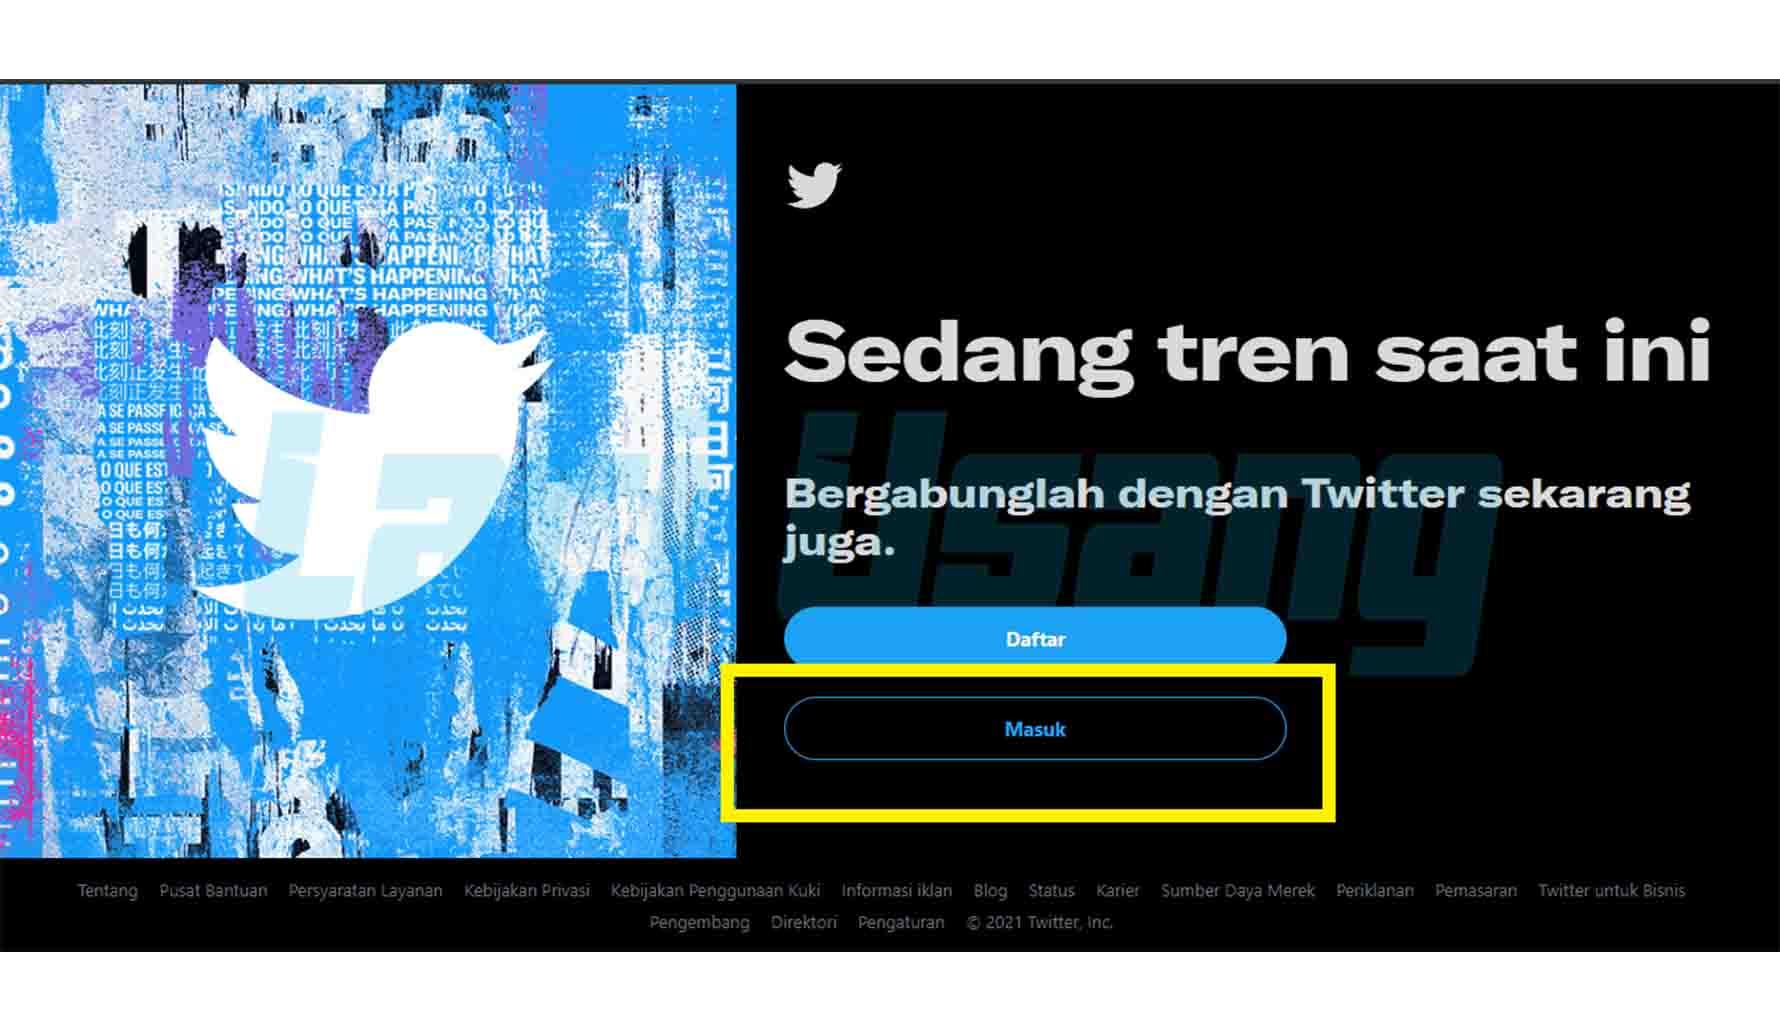 bagaimana cara menghapus akun twitter